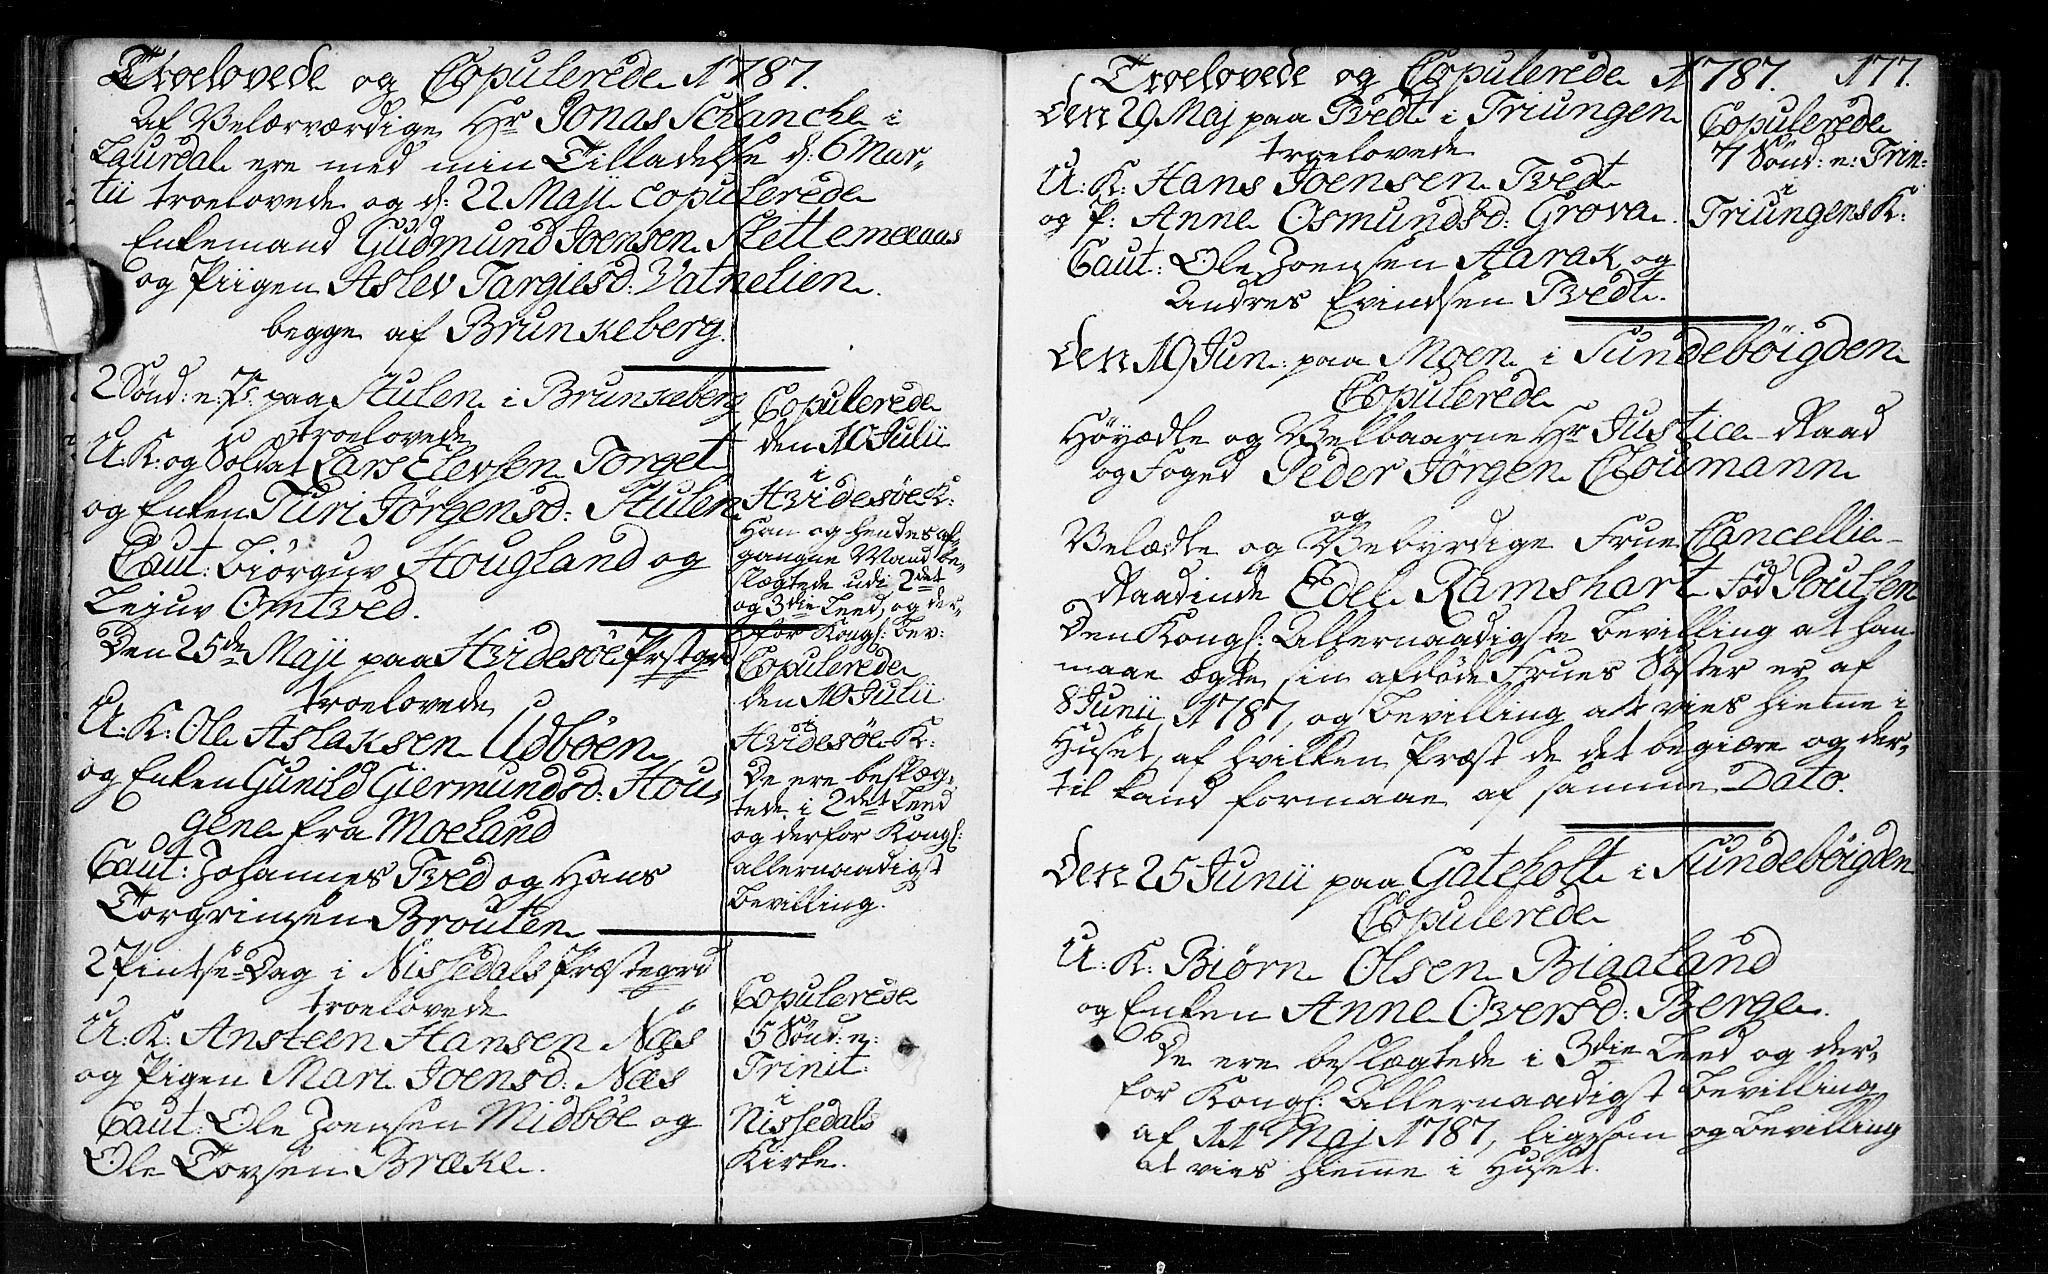 SAKO, Kviteseid kirkebøker, F/Fa/L0003: Ministerialbok nr. I 3, 1787-1799, s. 177